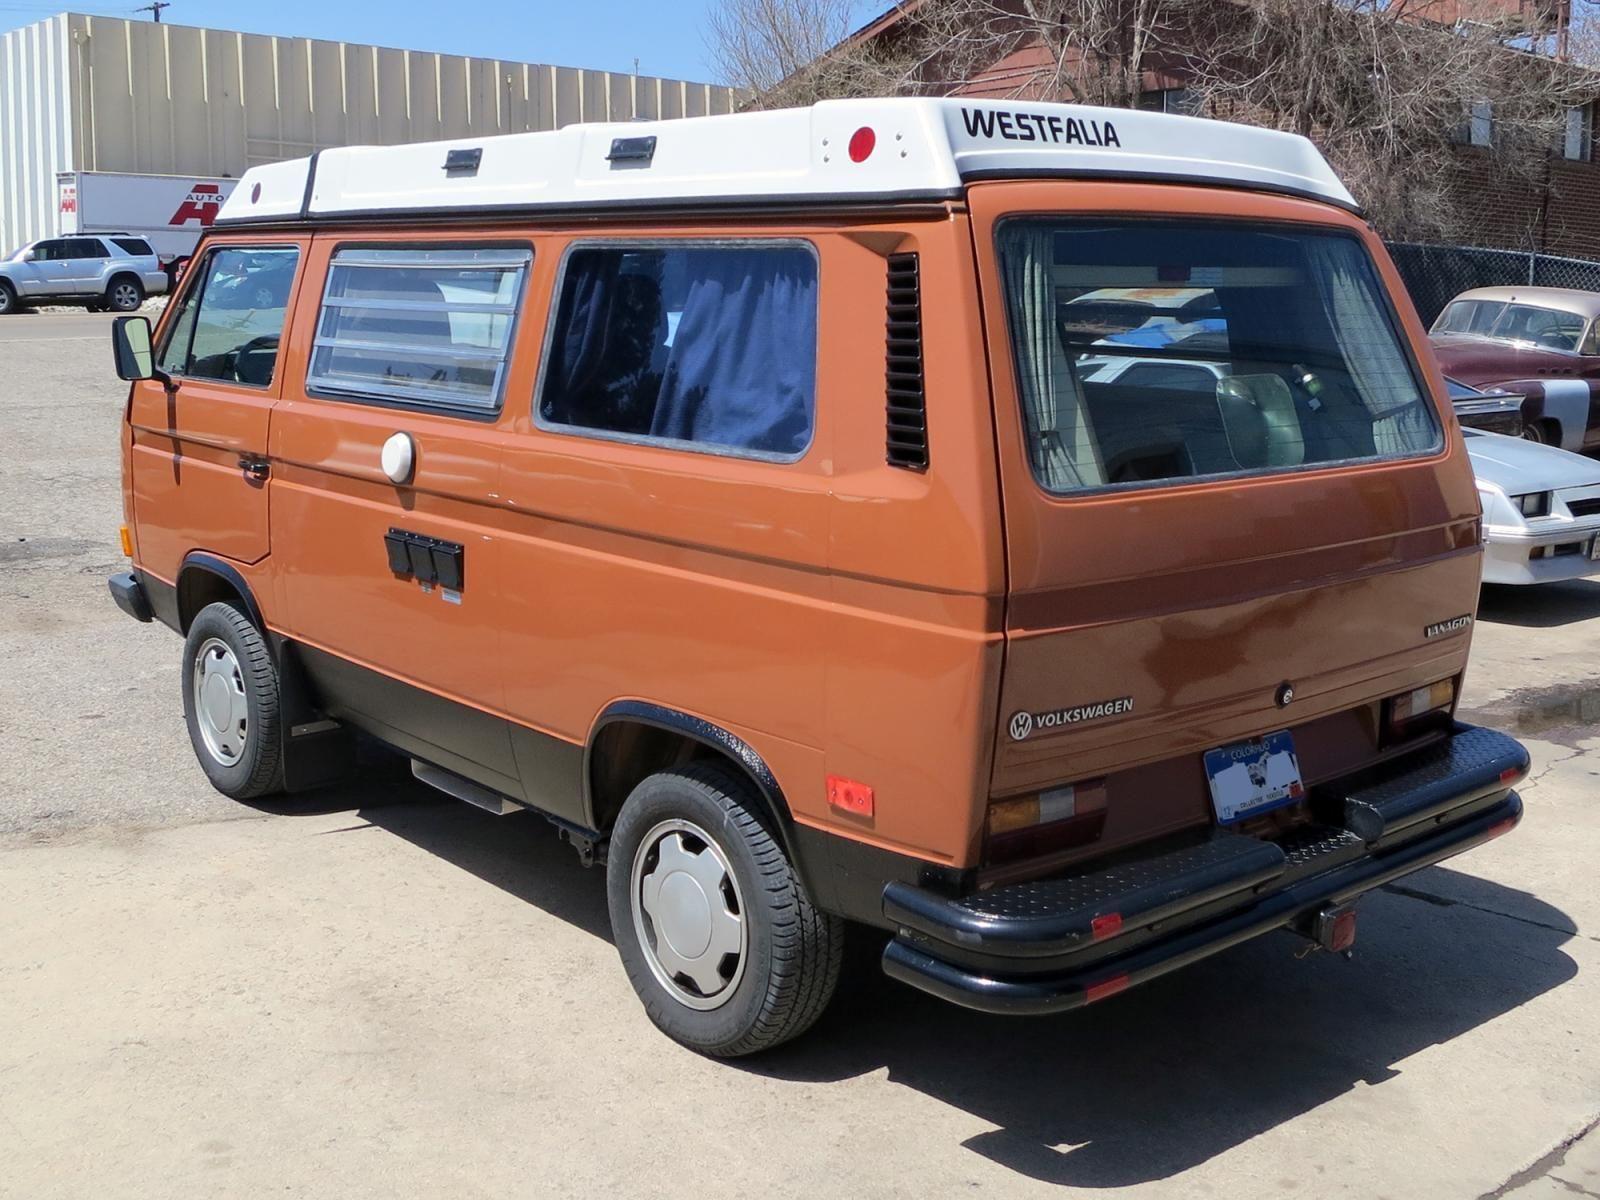 1966 Volkswagen 21 Window Bus In 2020 Volkswagen Bus Vintage Vw Bus Vw Cars